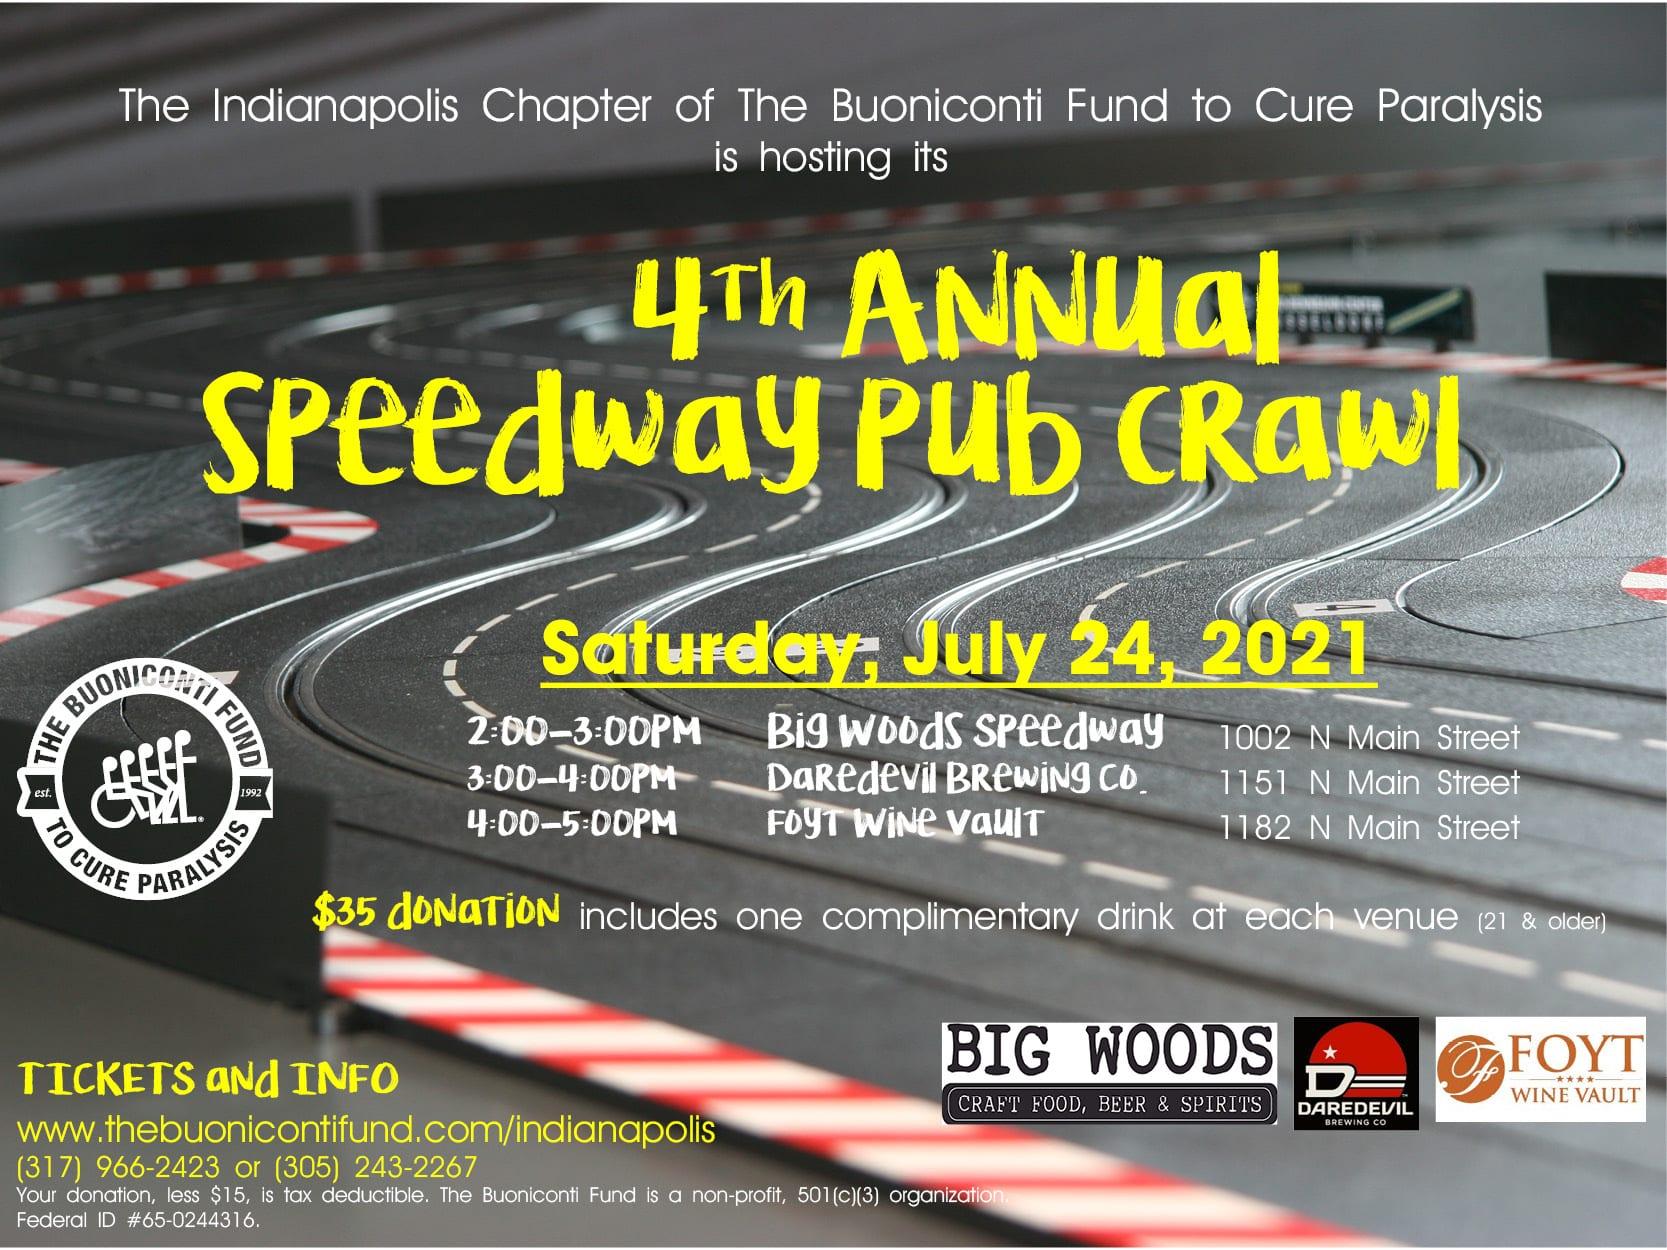 4th Annual Speedway Pub Crawl